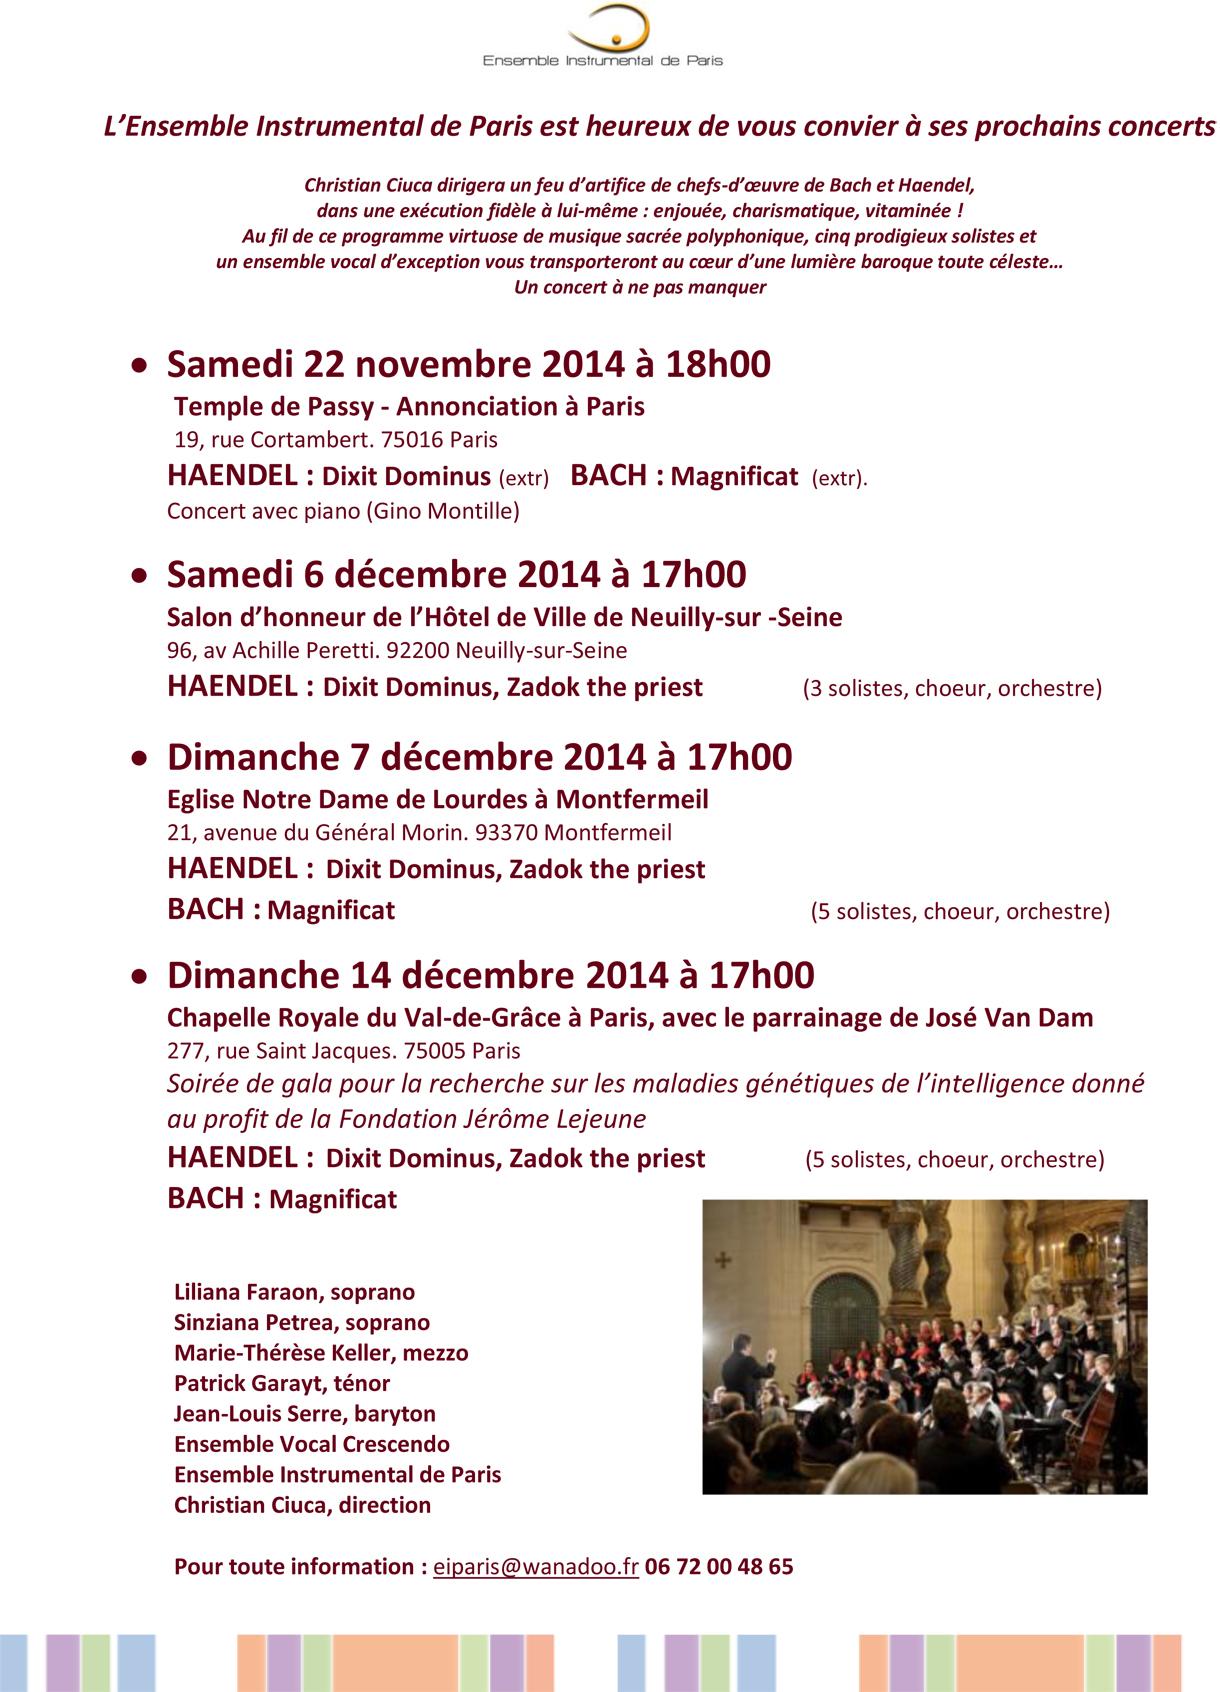 Communiqué Bach-haendel_4 concerts-déc 2014